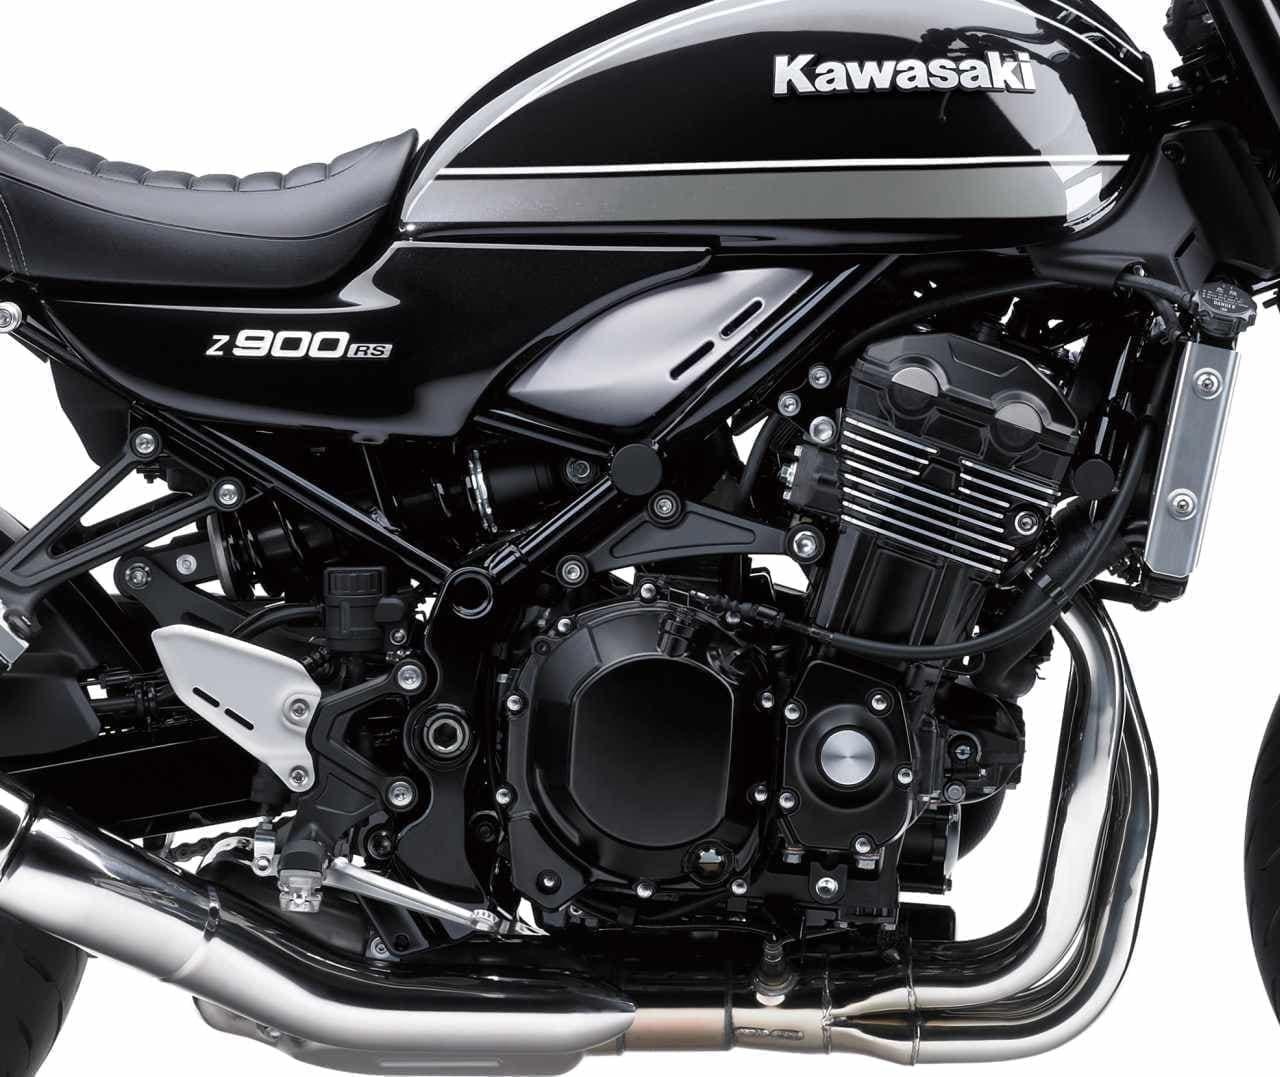 カワサキ「Z900RS」「Z900RS CAFE」ニューグラフィック 12月1日発売